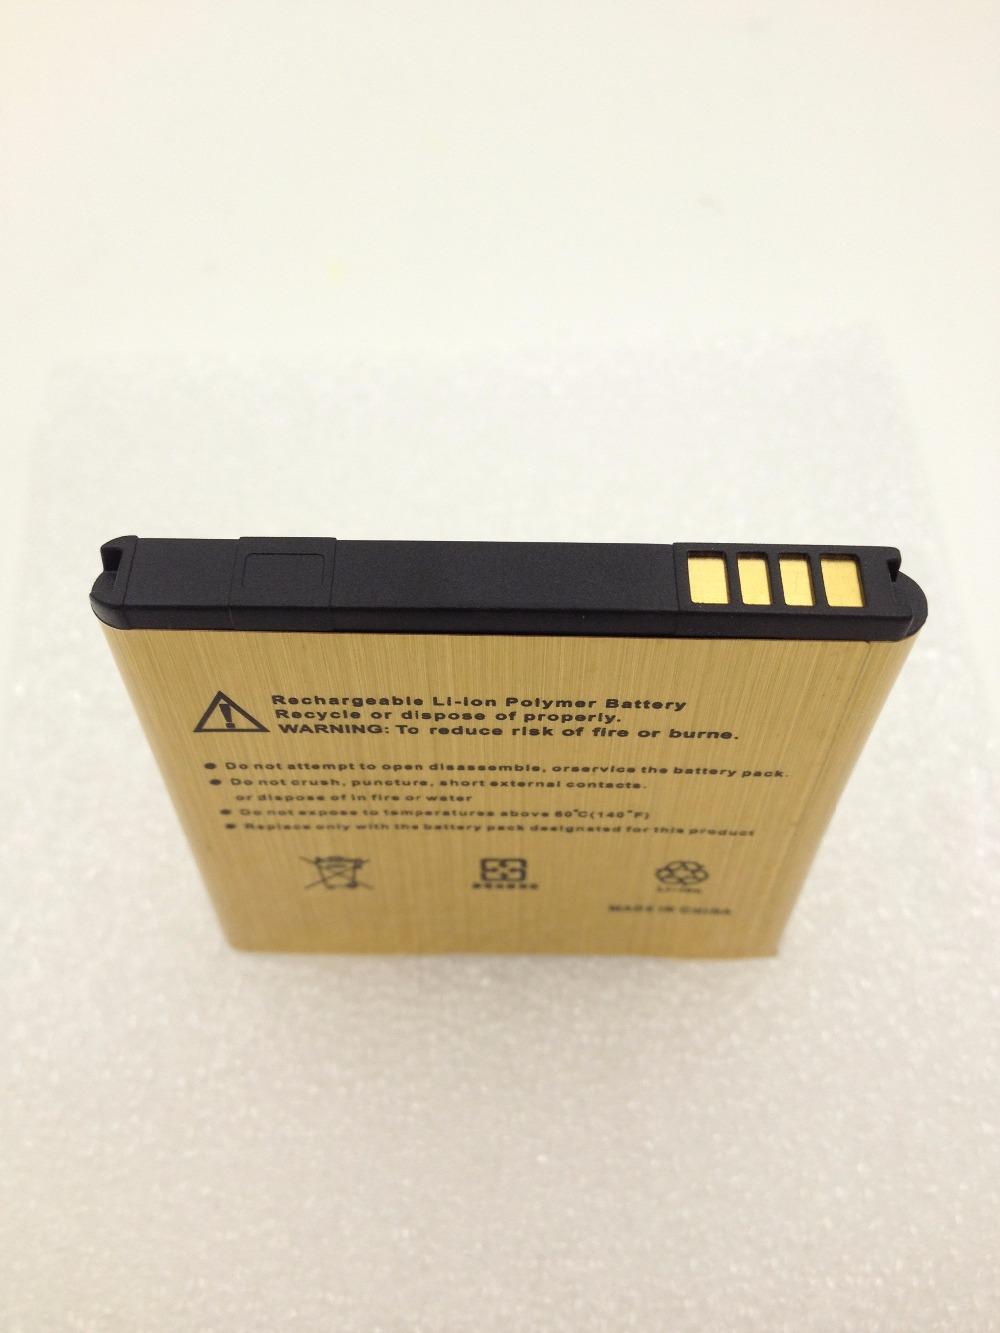 2450mAh Golden Battery For HTC Sensation XE Pyramid 4G Z710E G14 BG58100 Phone Battery